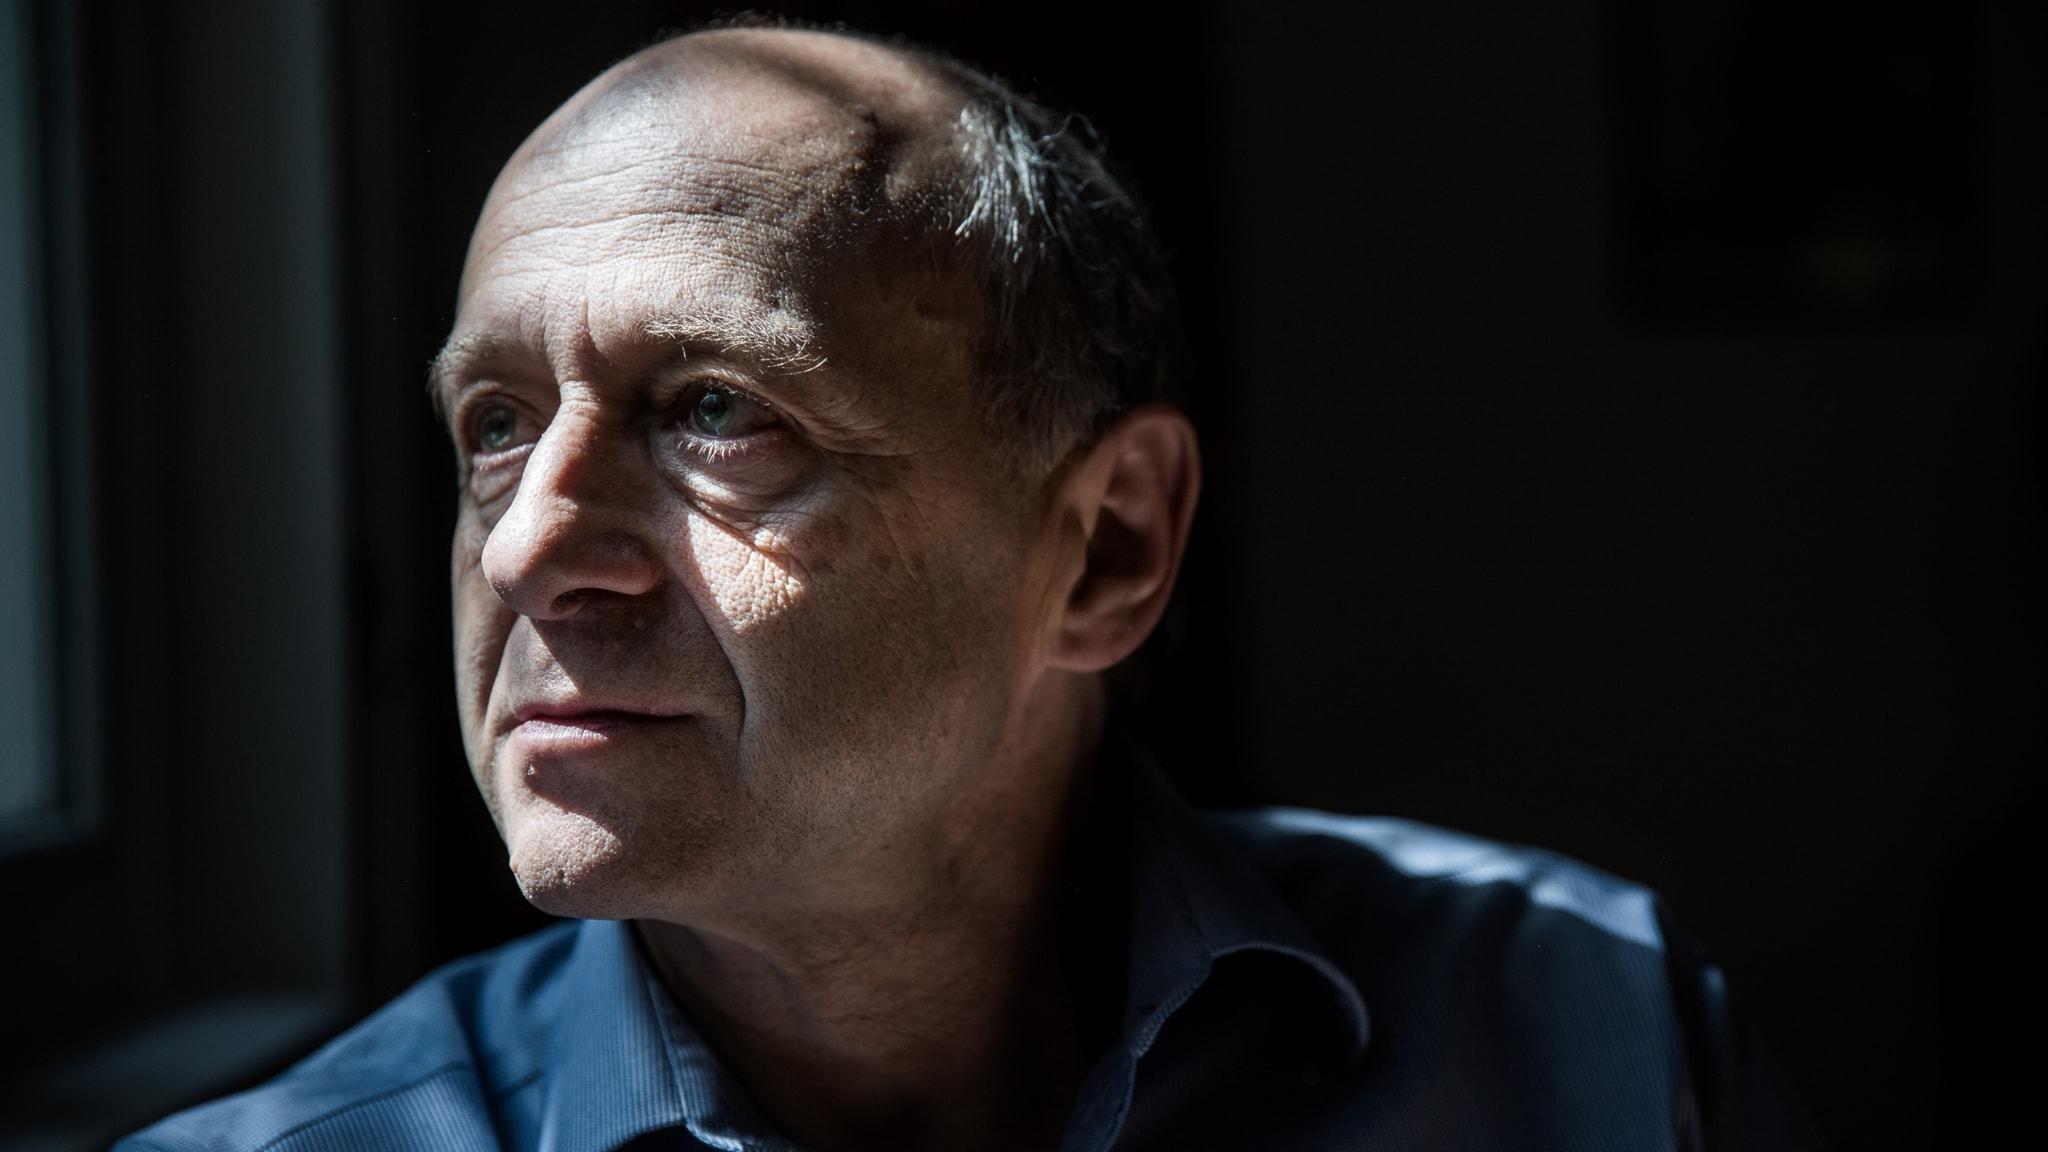 KONSERT: Budapests festivalorkester med dirigent Iván Fischer